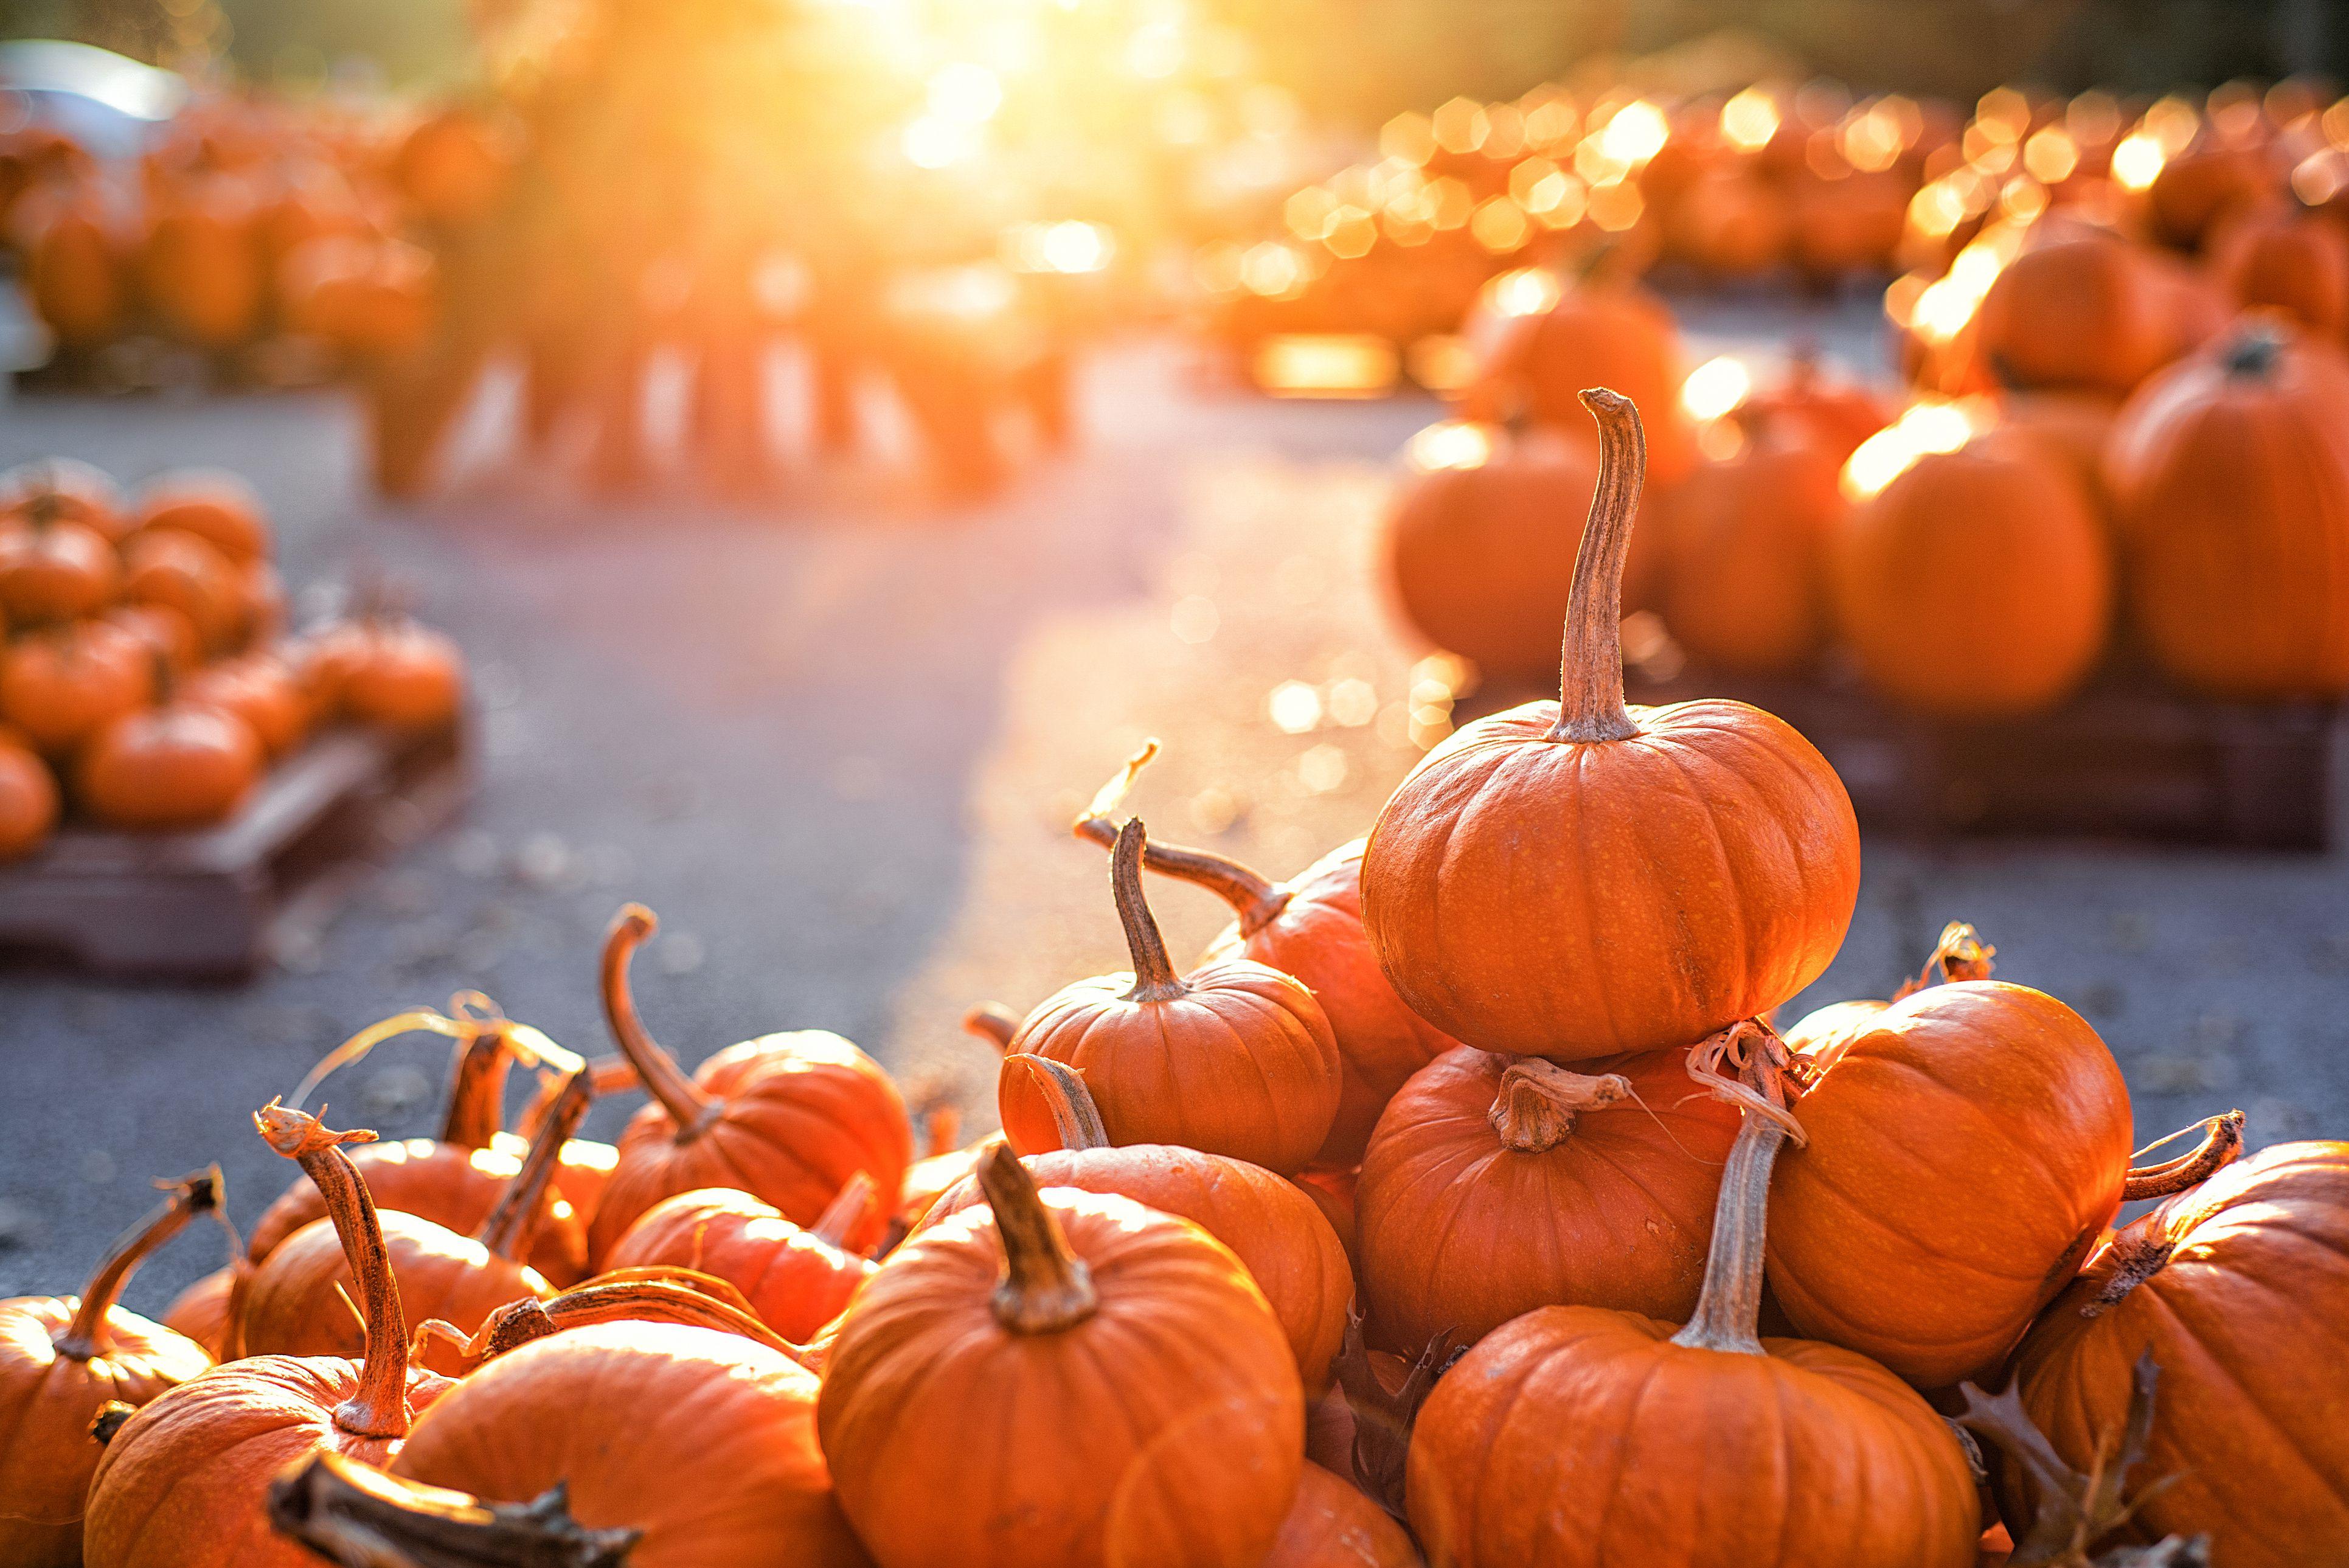 Pumpkins on pumpkin patch